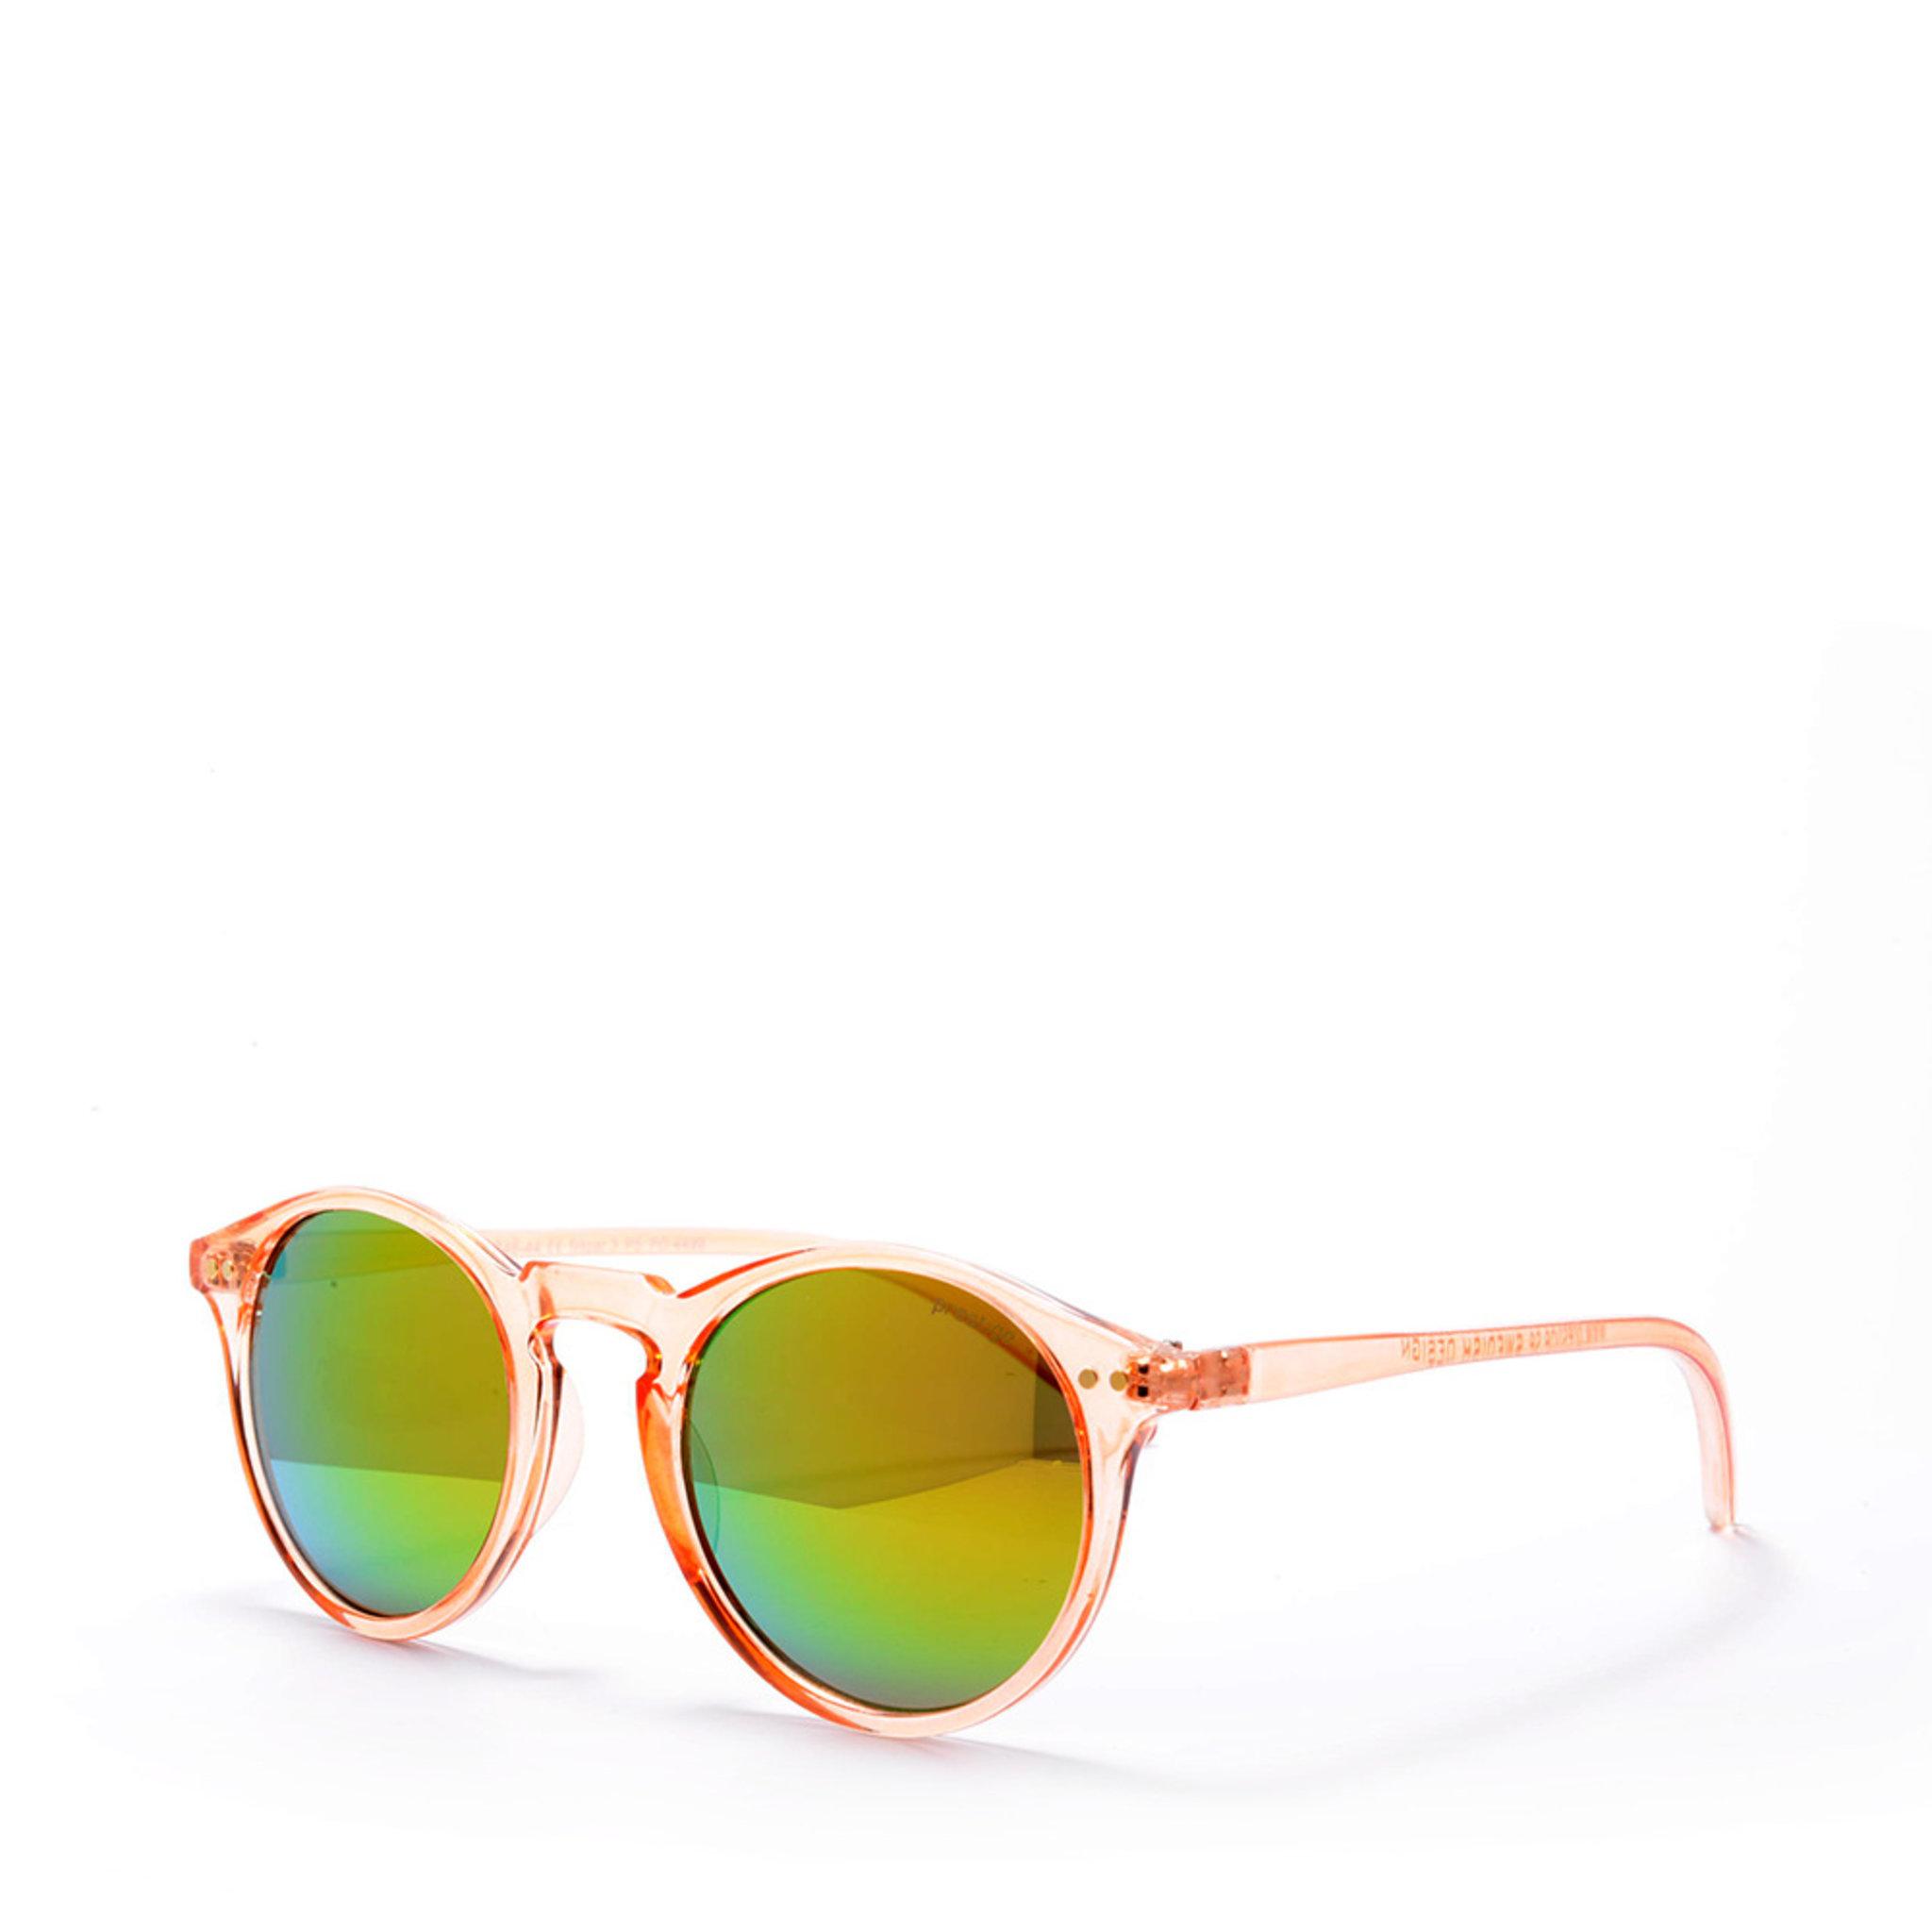 Solglasögon, Lola